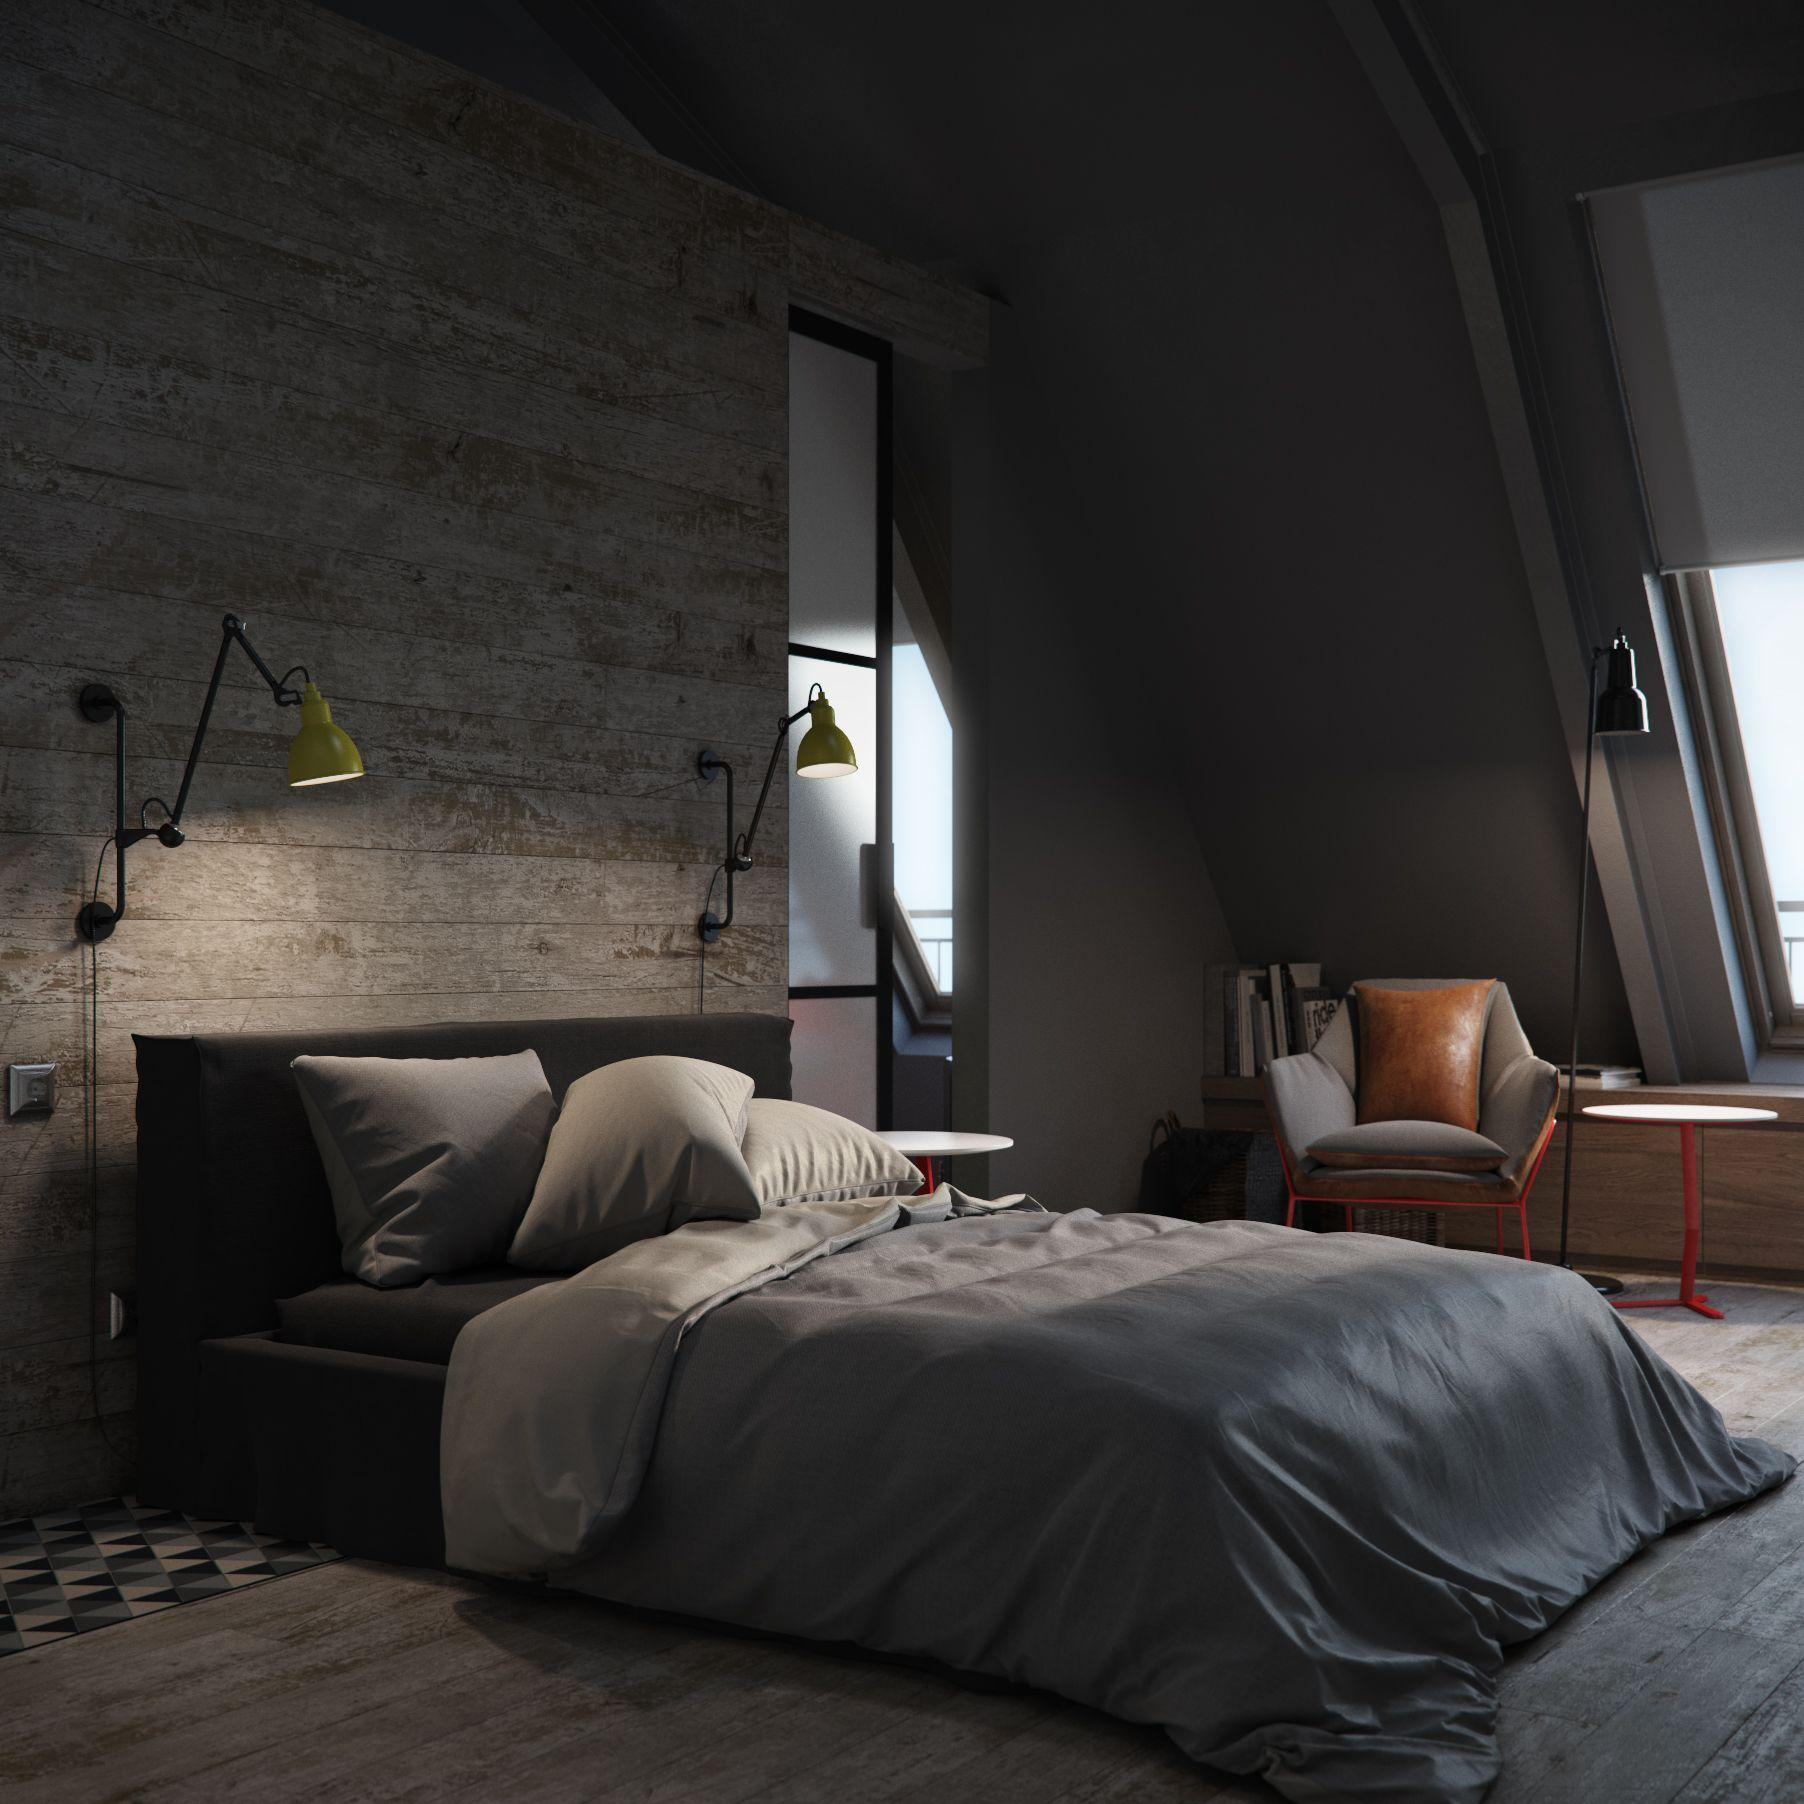 Mens Bedroom Inspiration Eb9D45Ee37Eb4Ef81C401708Bddee4E0676D8F5F 1804×1804 Inspiration Design